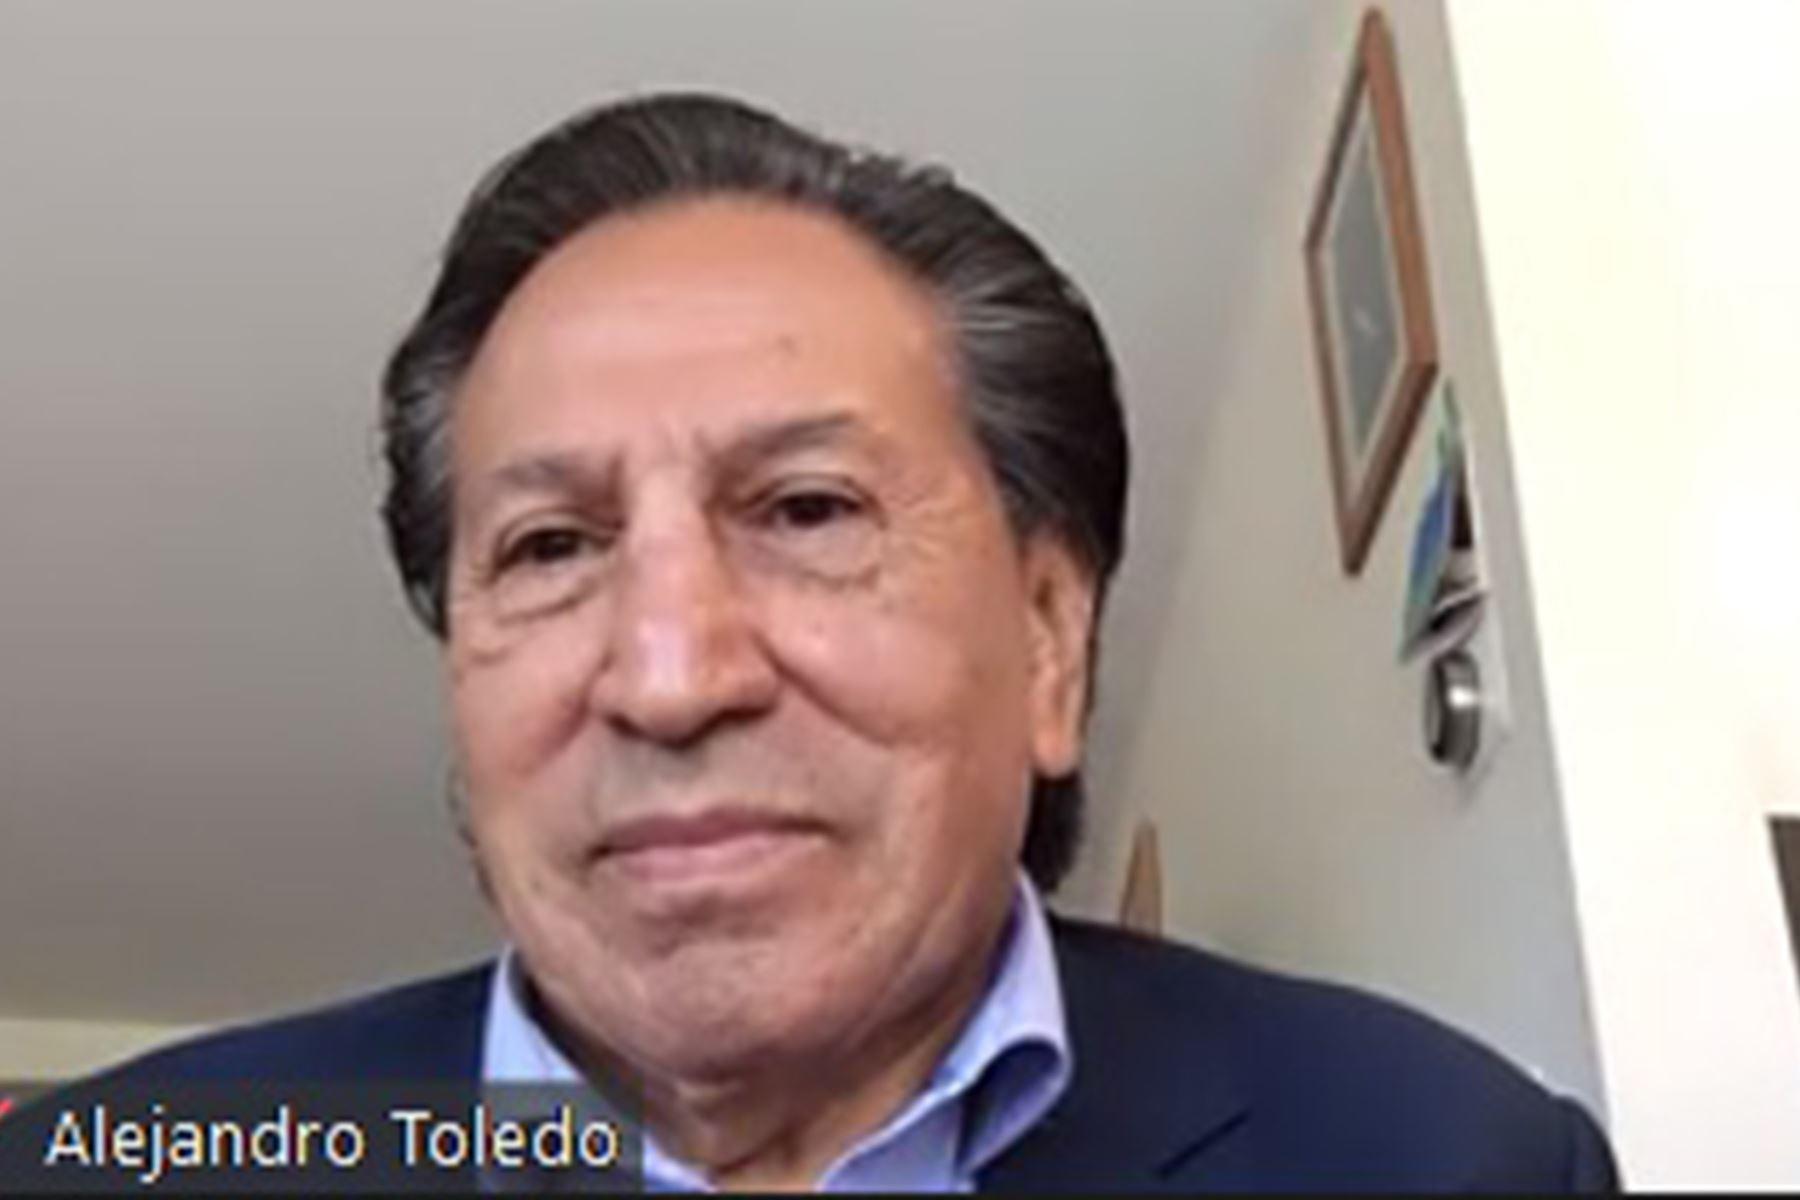 Alejandro Toledo: Fiscalía de EEUU pide que regrese a prisión tras la decisión del juez